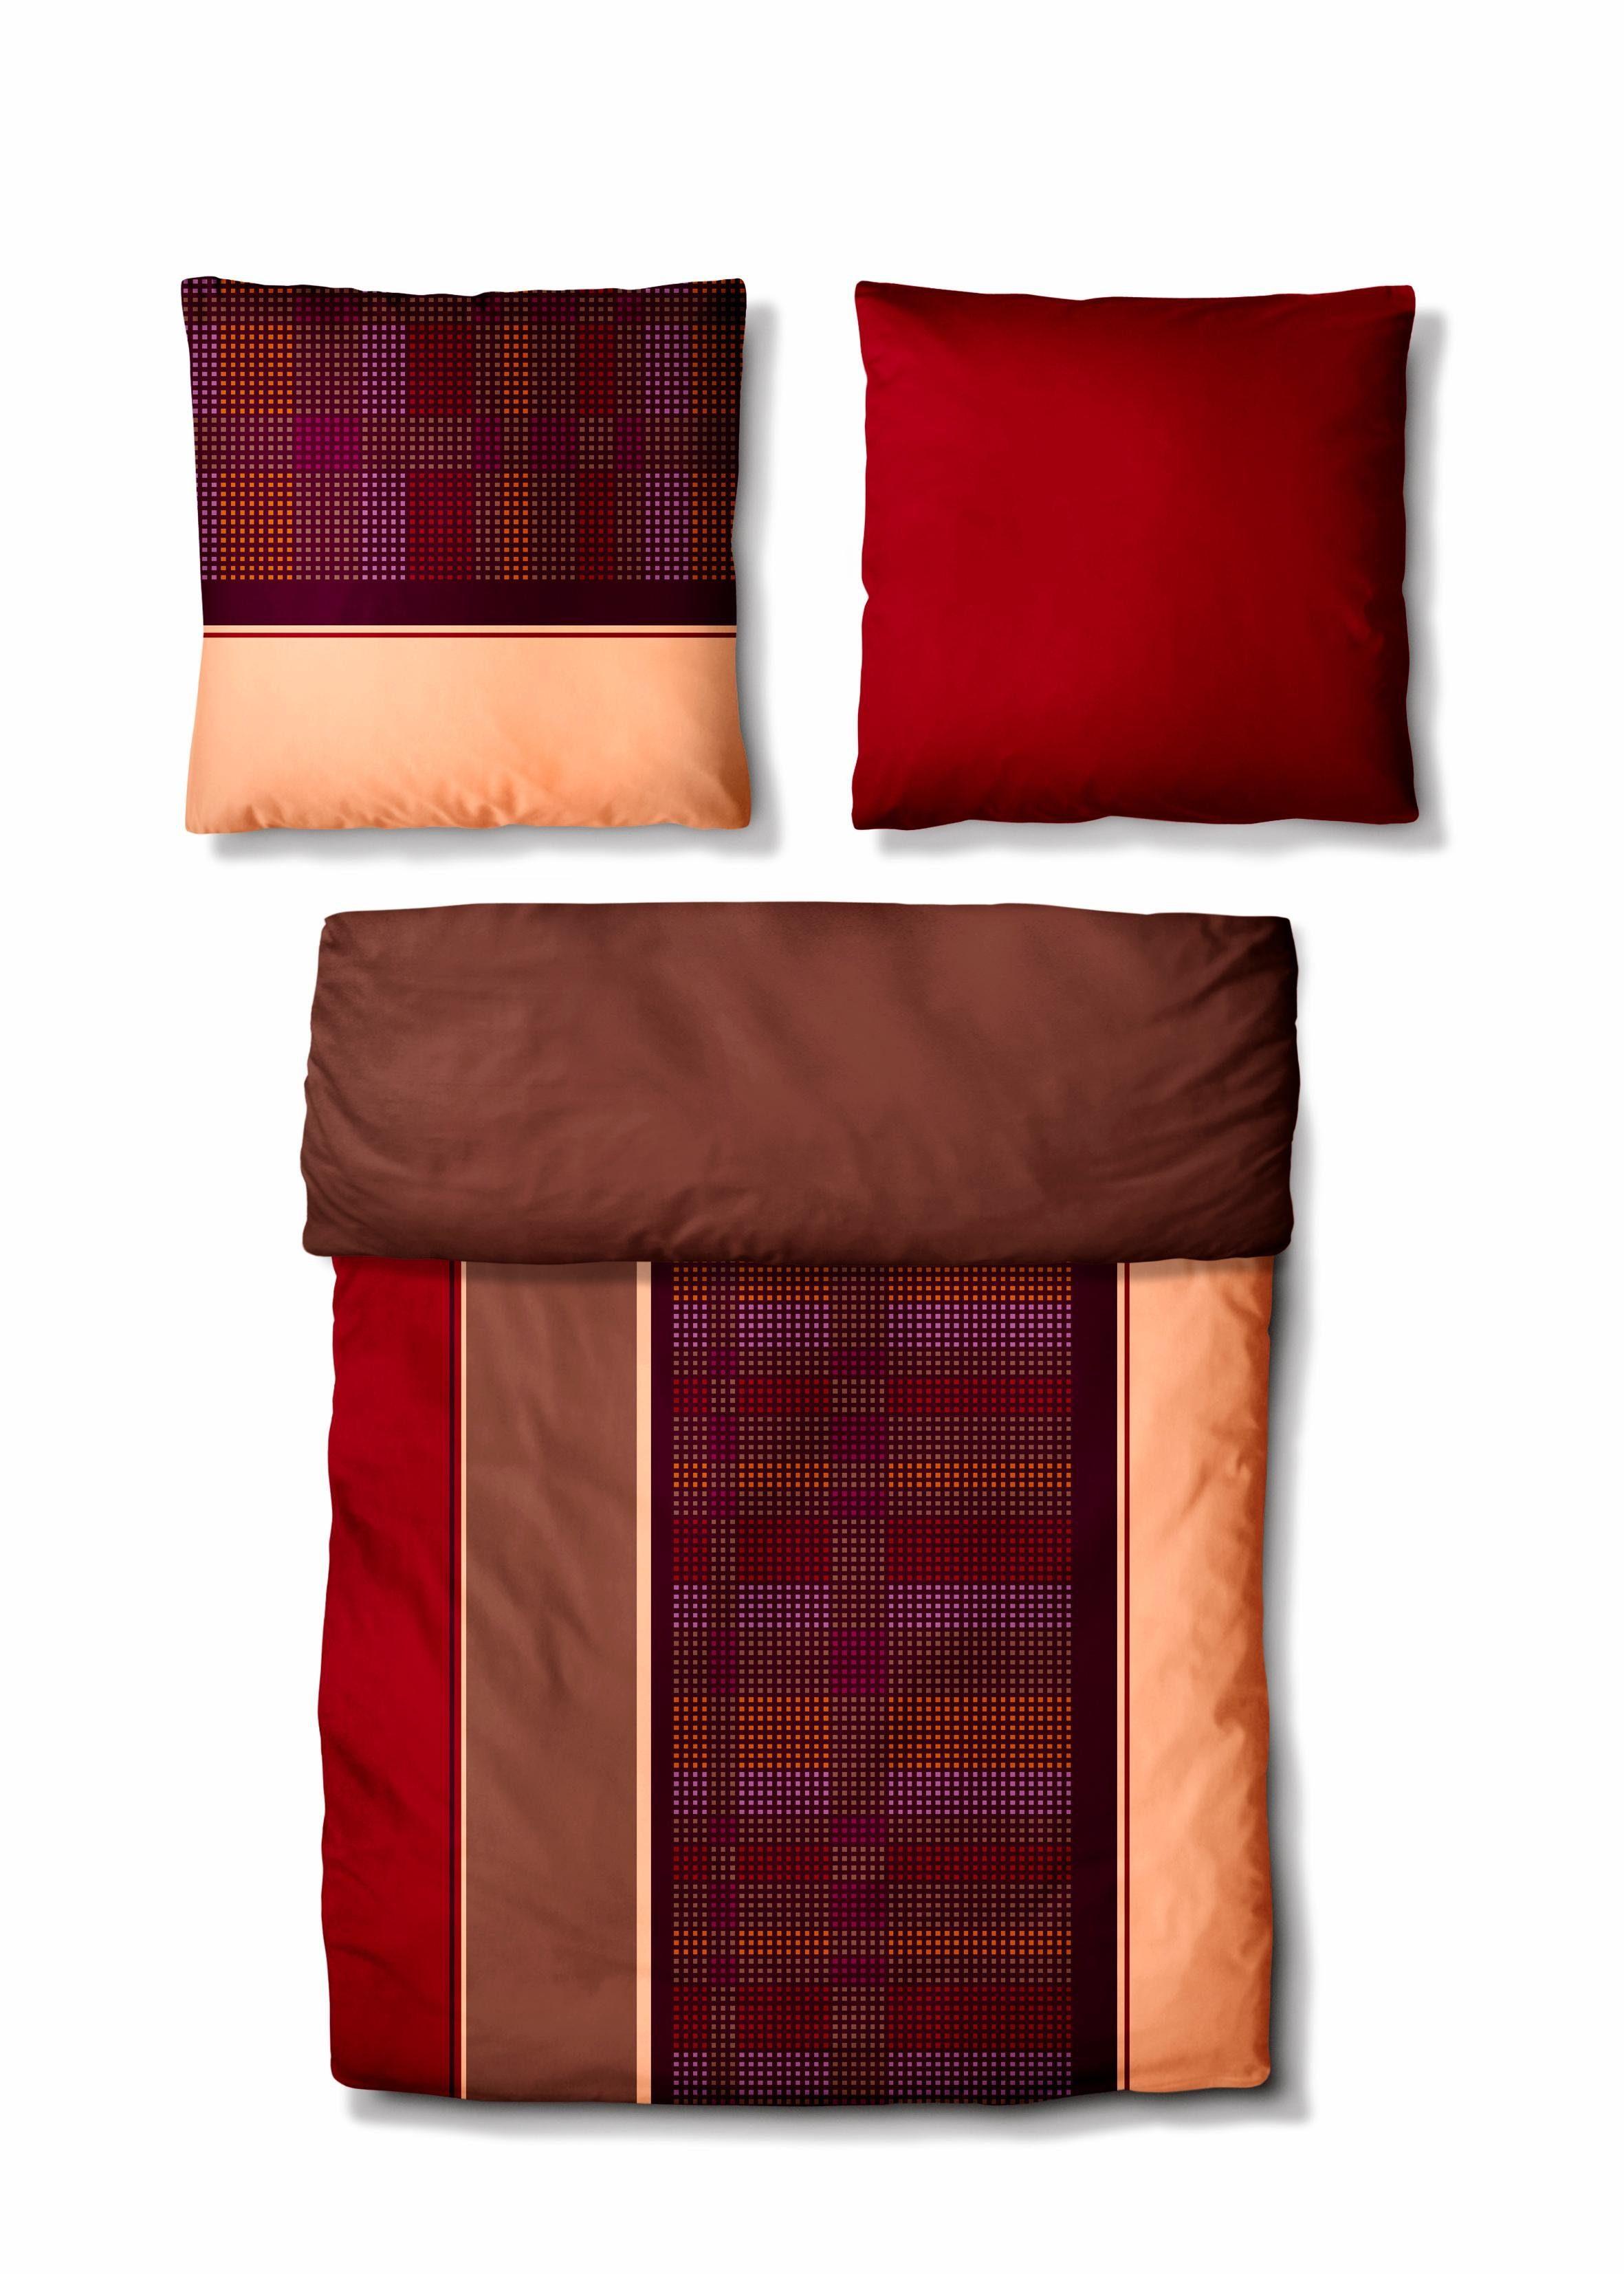 Biber Bettwasche Unifarben